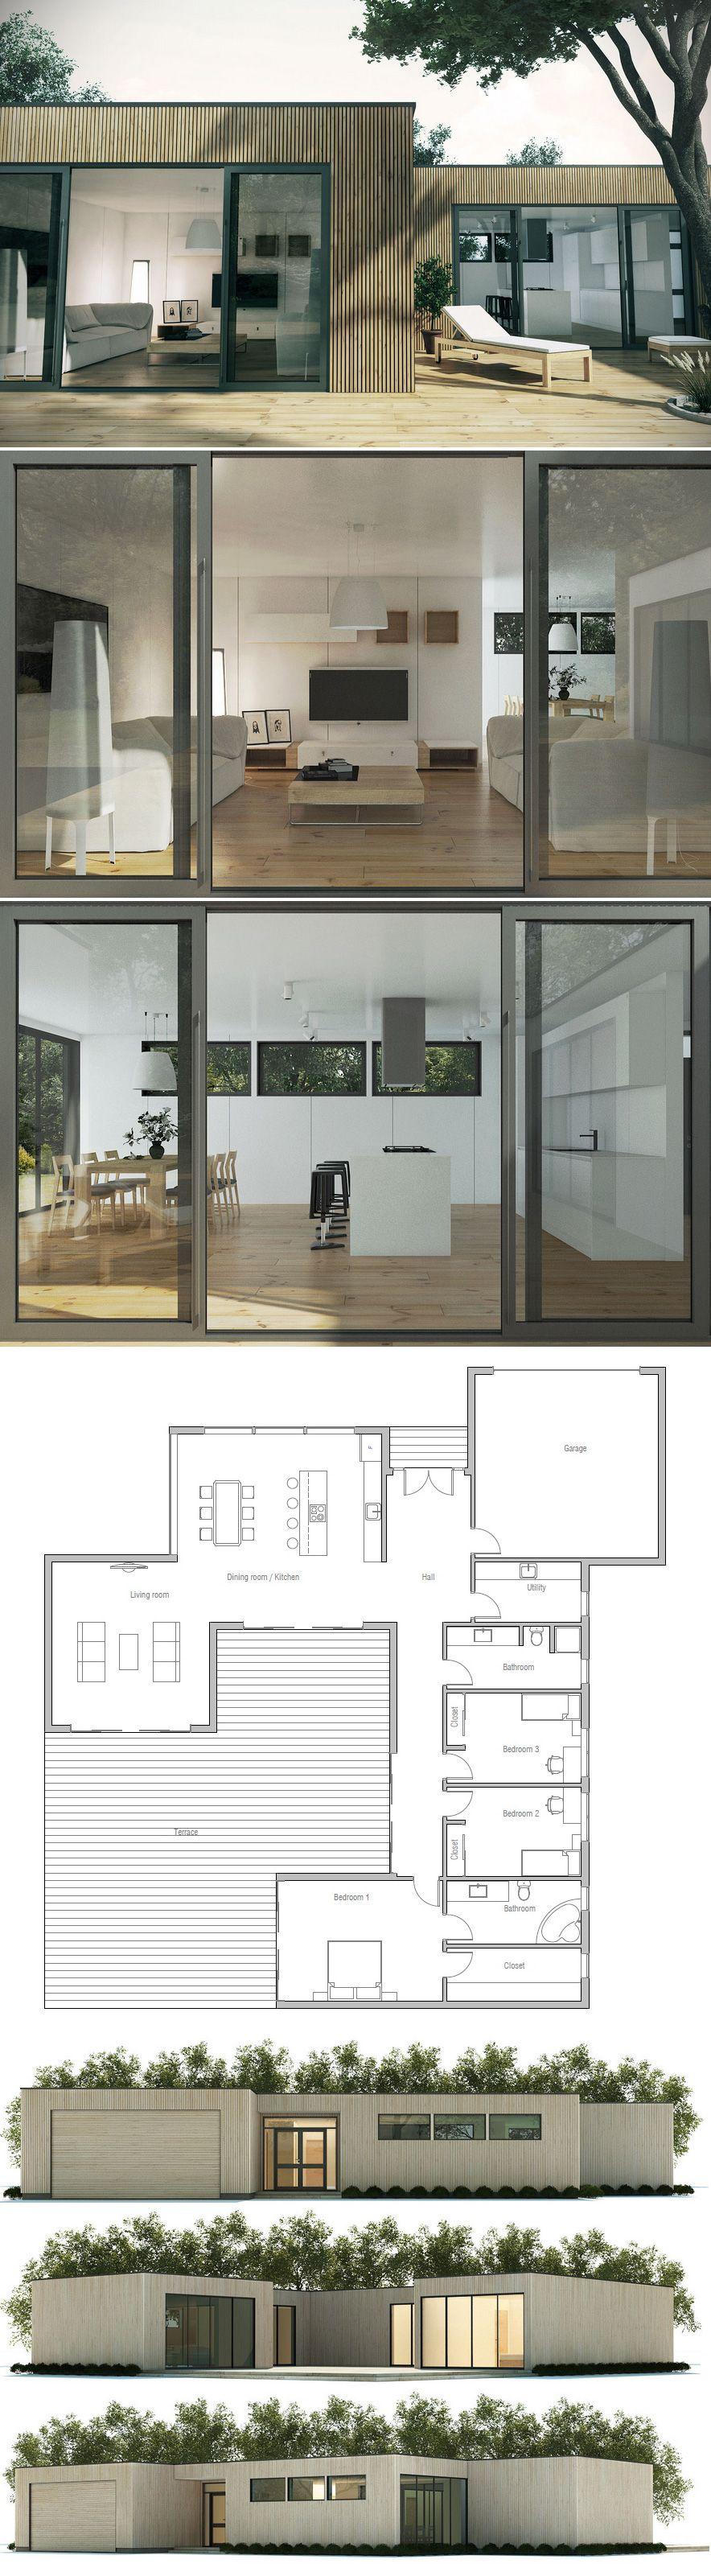 hausplan modernes haus h user haus haus grundriss und haus pl ne. Black Bedroom Furniture Sets. Home Design Ideas